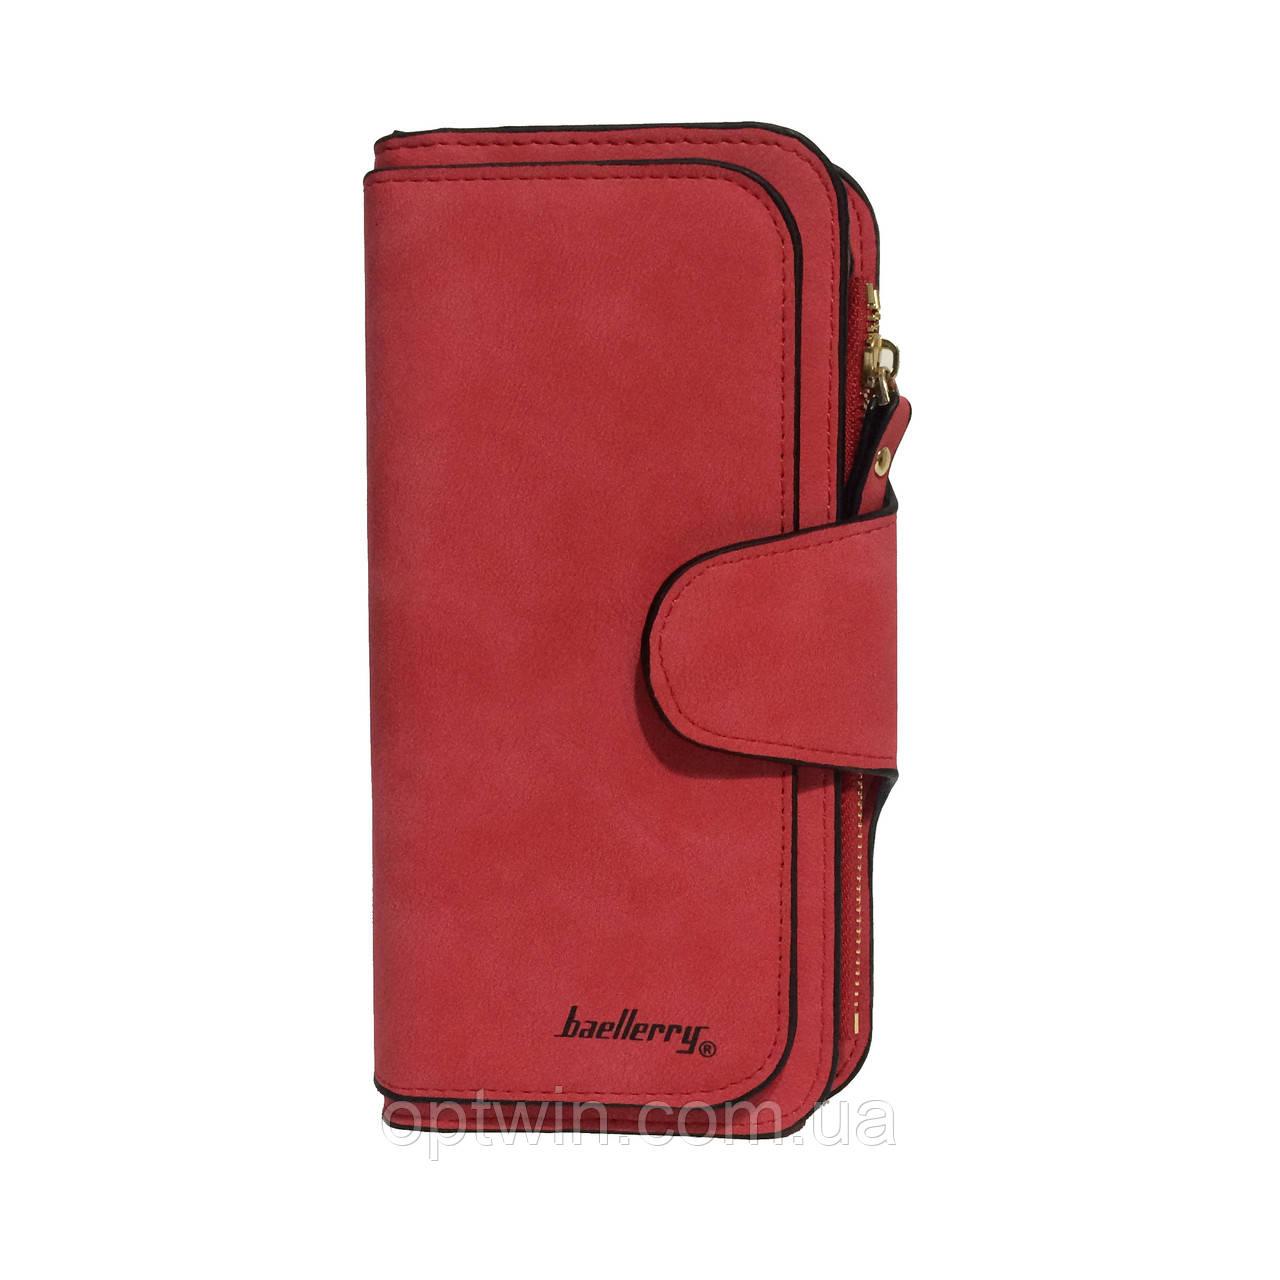 Жіночий гаманець Baellerry Forever червоний, фото 1